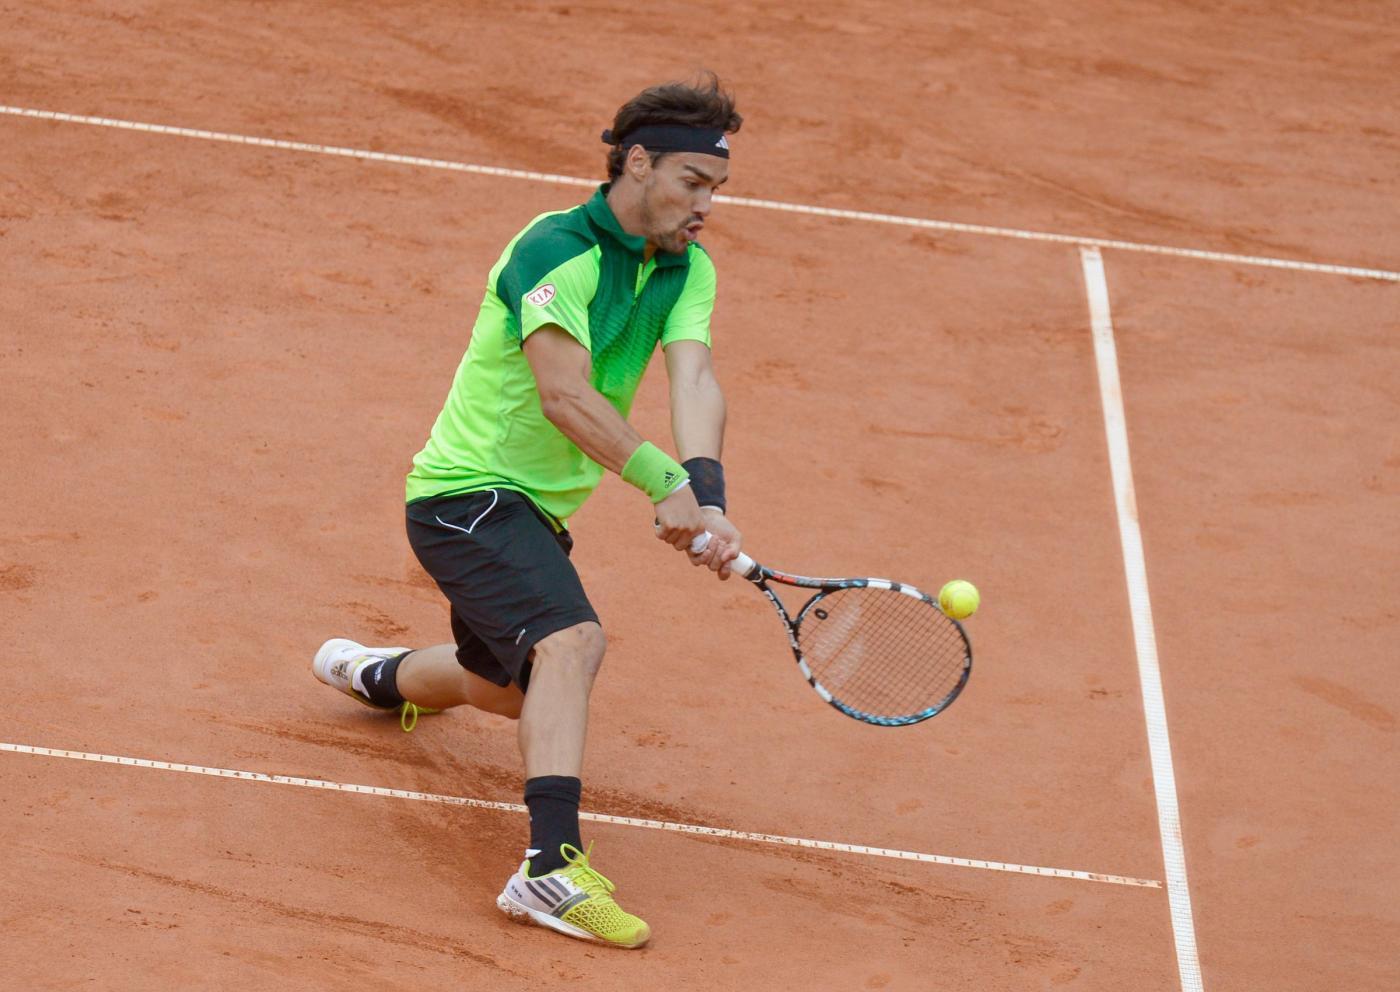 """Tennis, Fognini insulta Krajinovic: """"Zingaro di m…."""""""